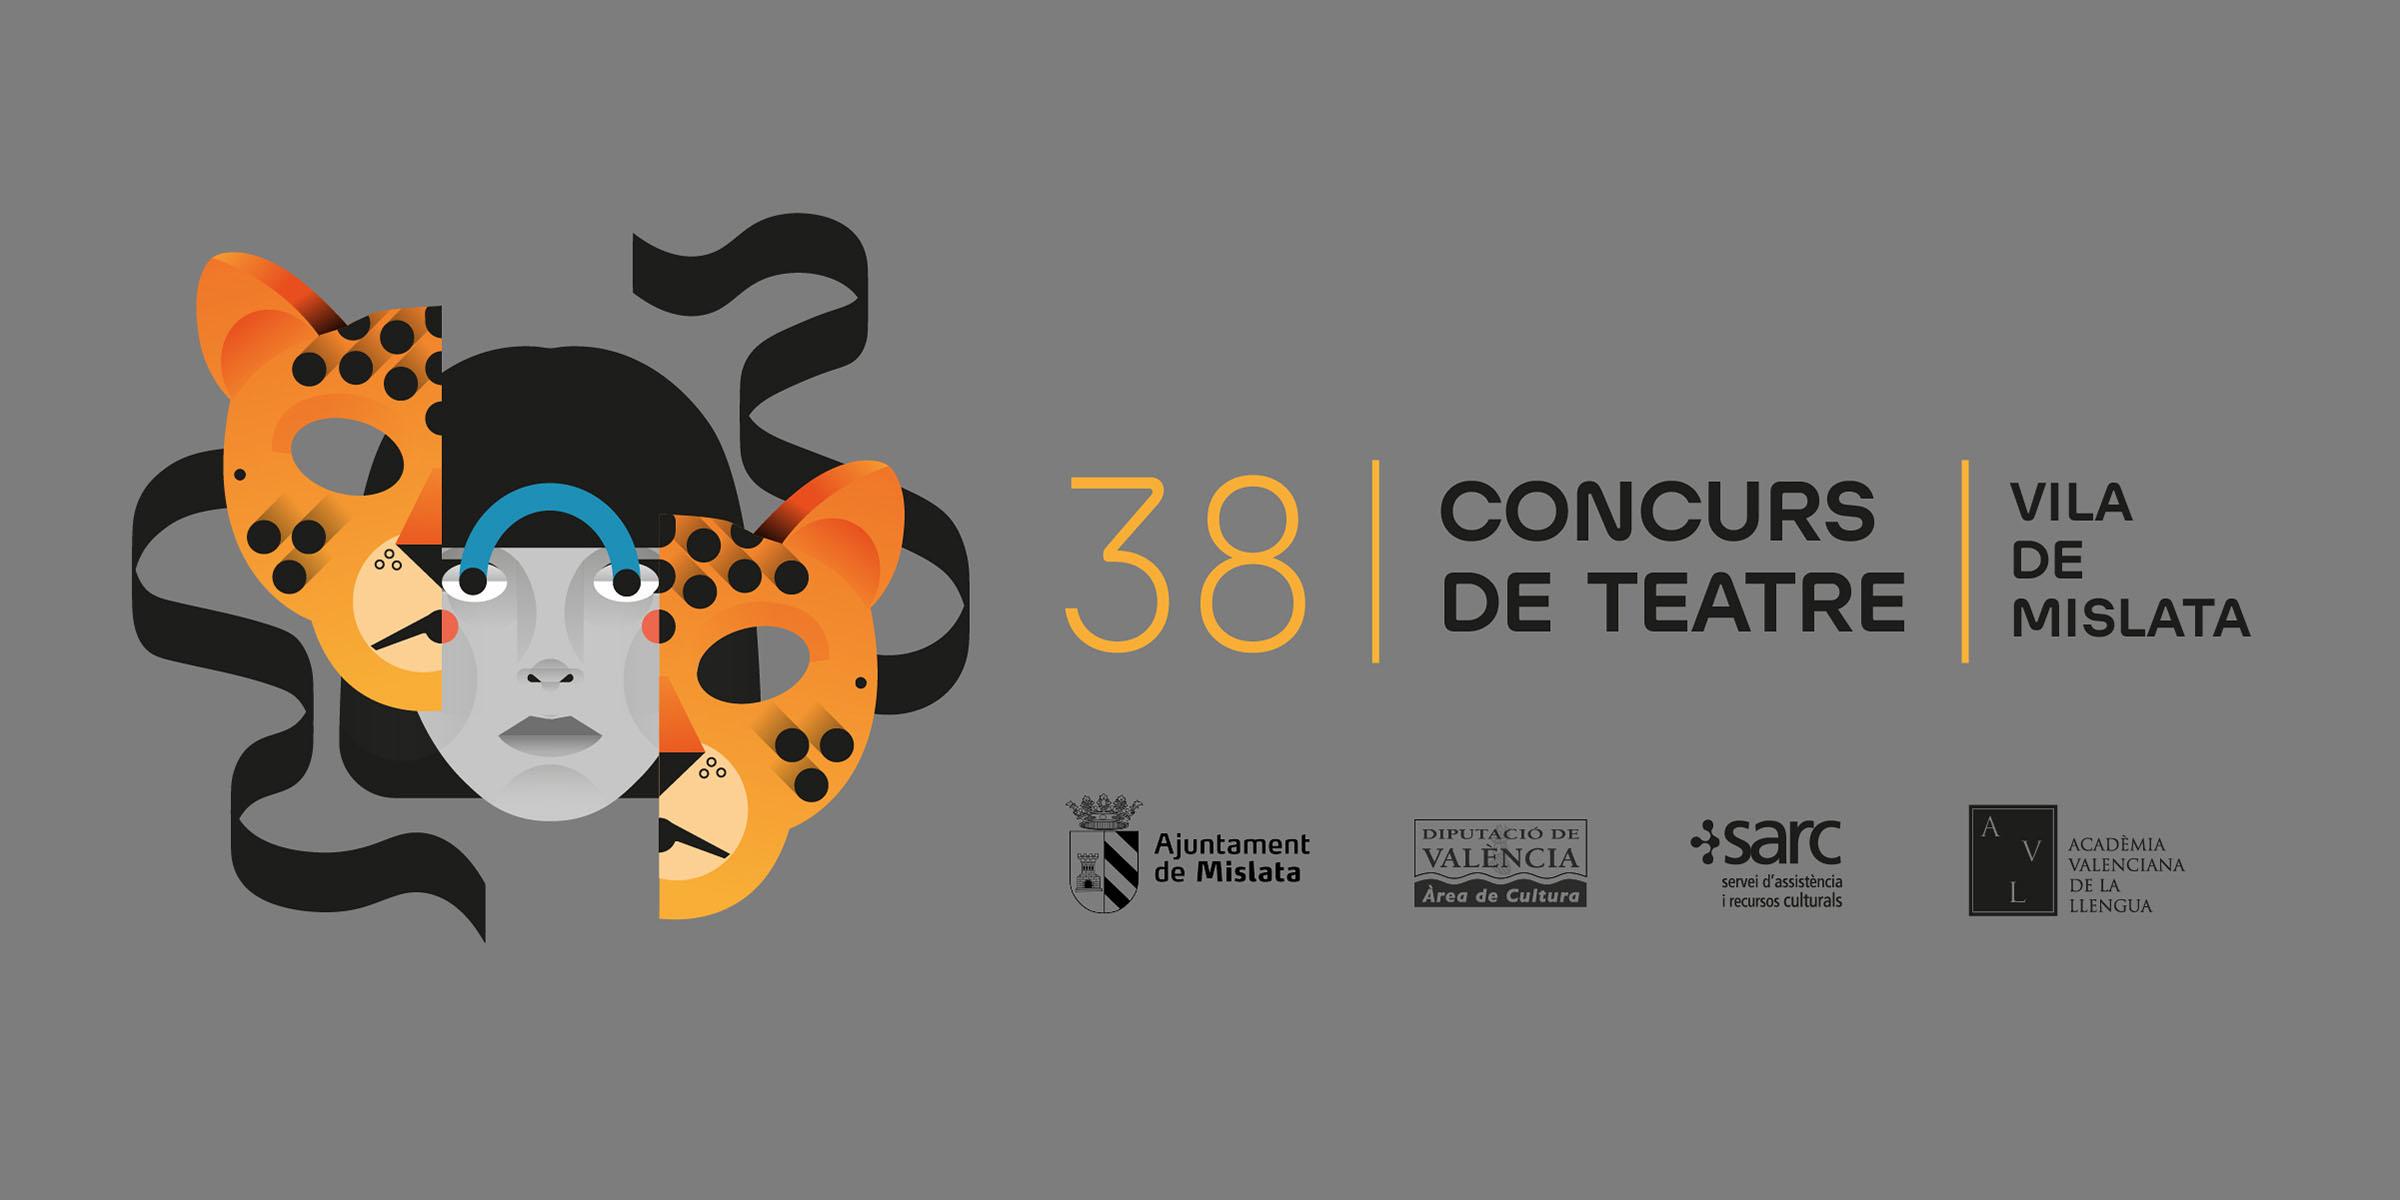 38 Concurs de Teatre Vila de Mislata